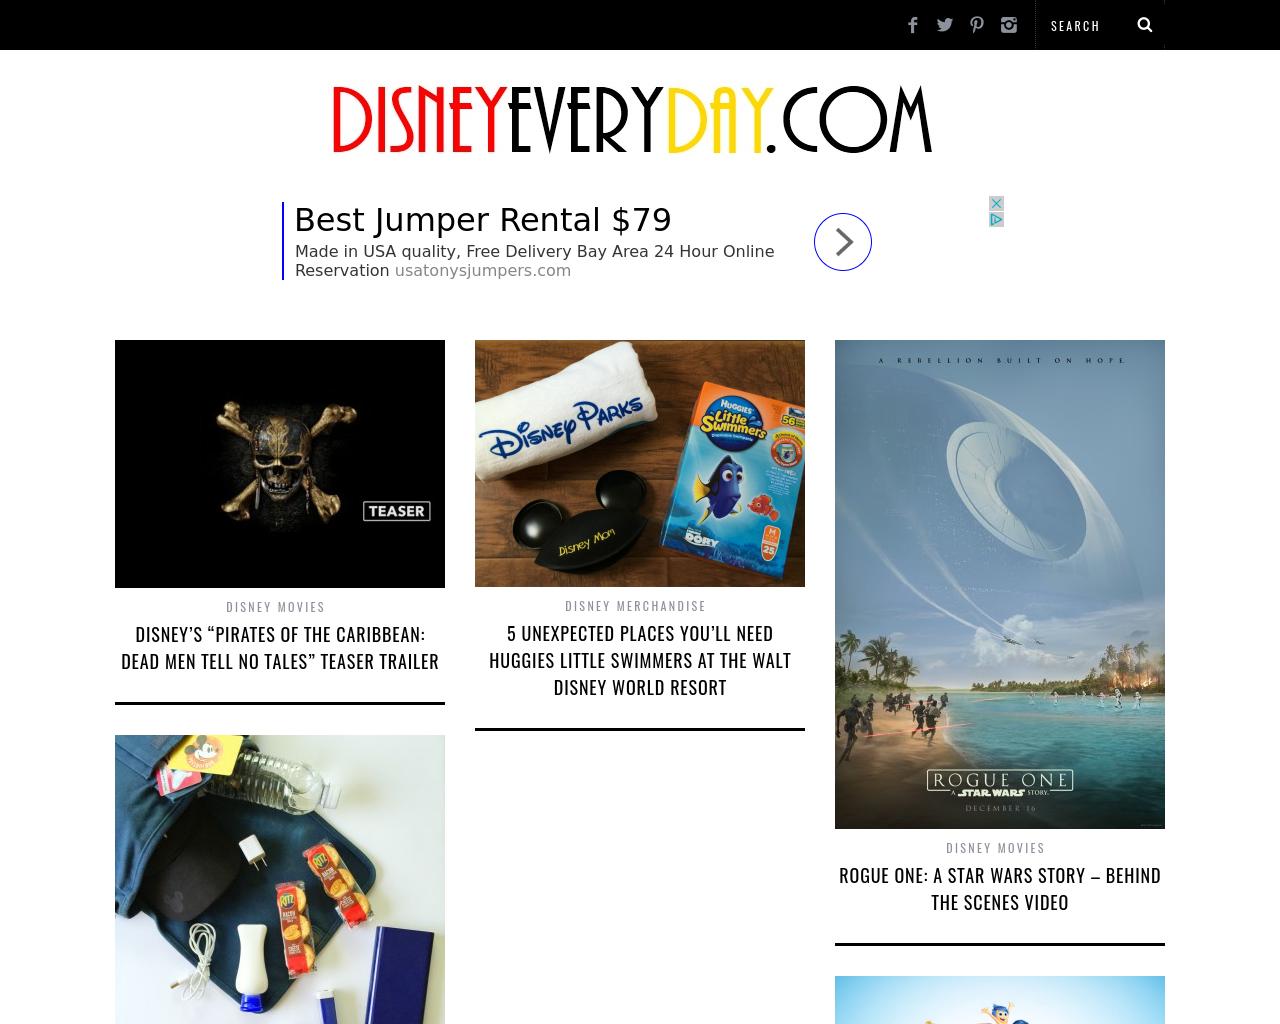 DISNEYEVERYDAY-Advertising-Reviews-Pricing